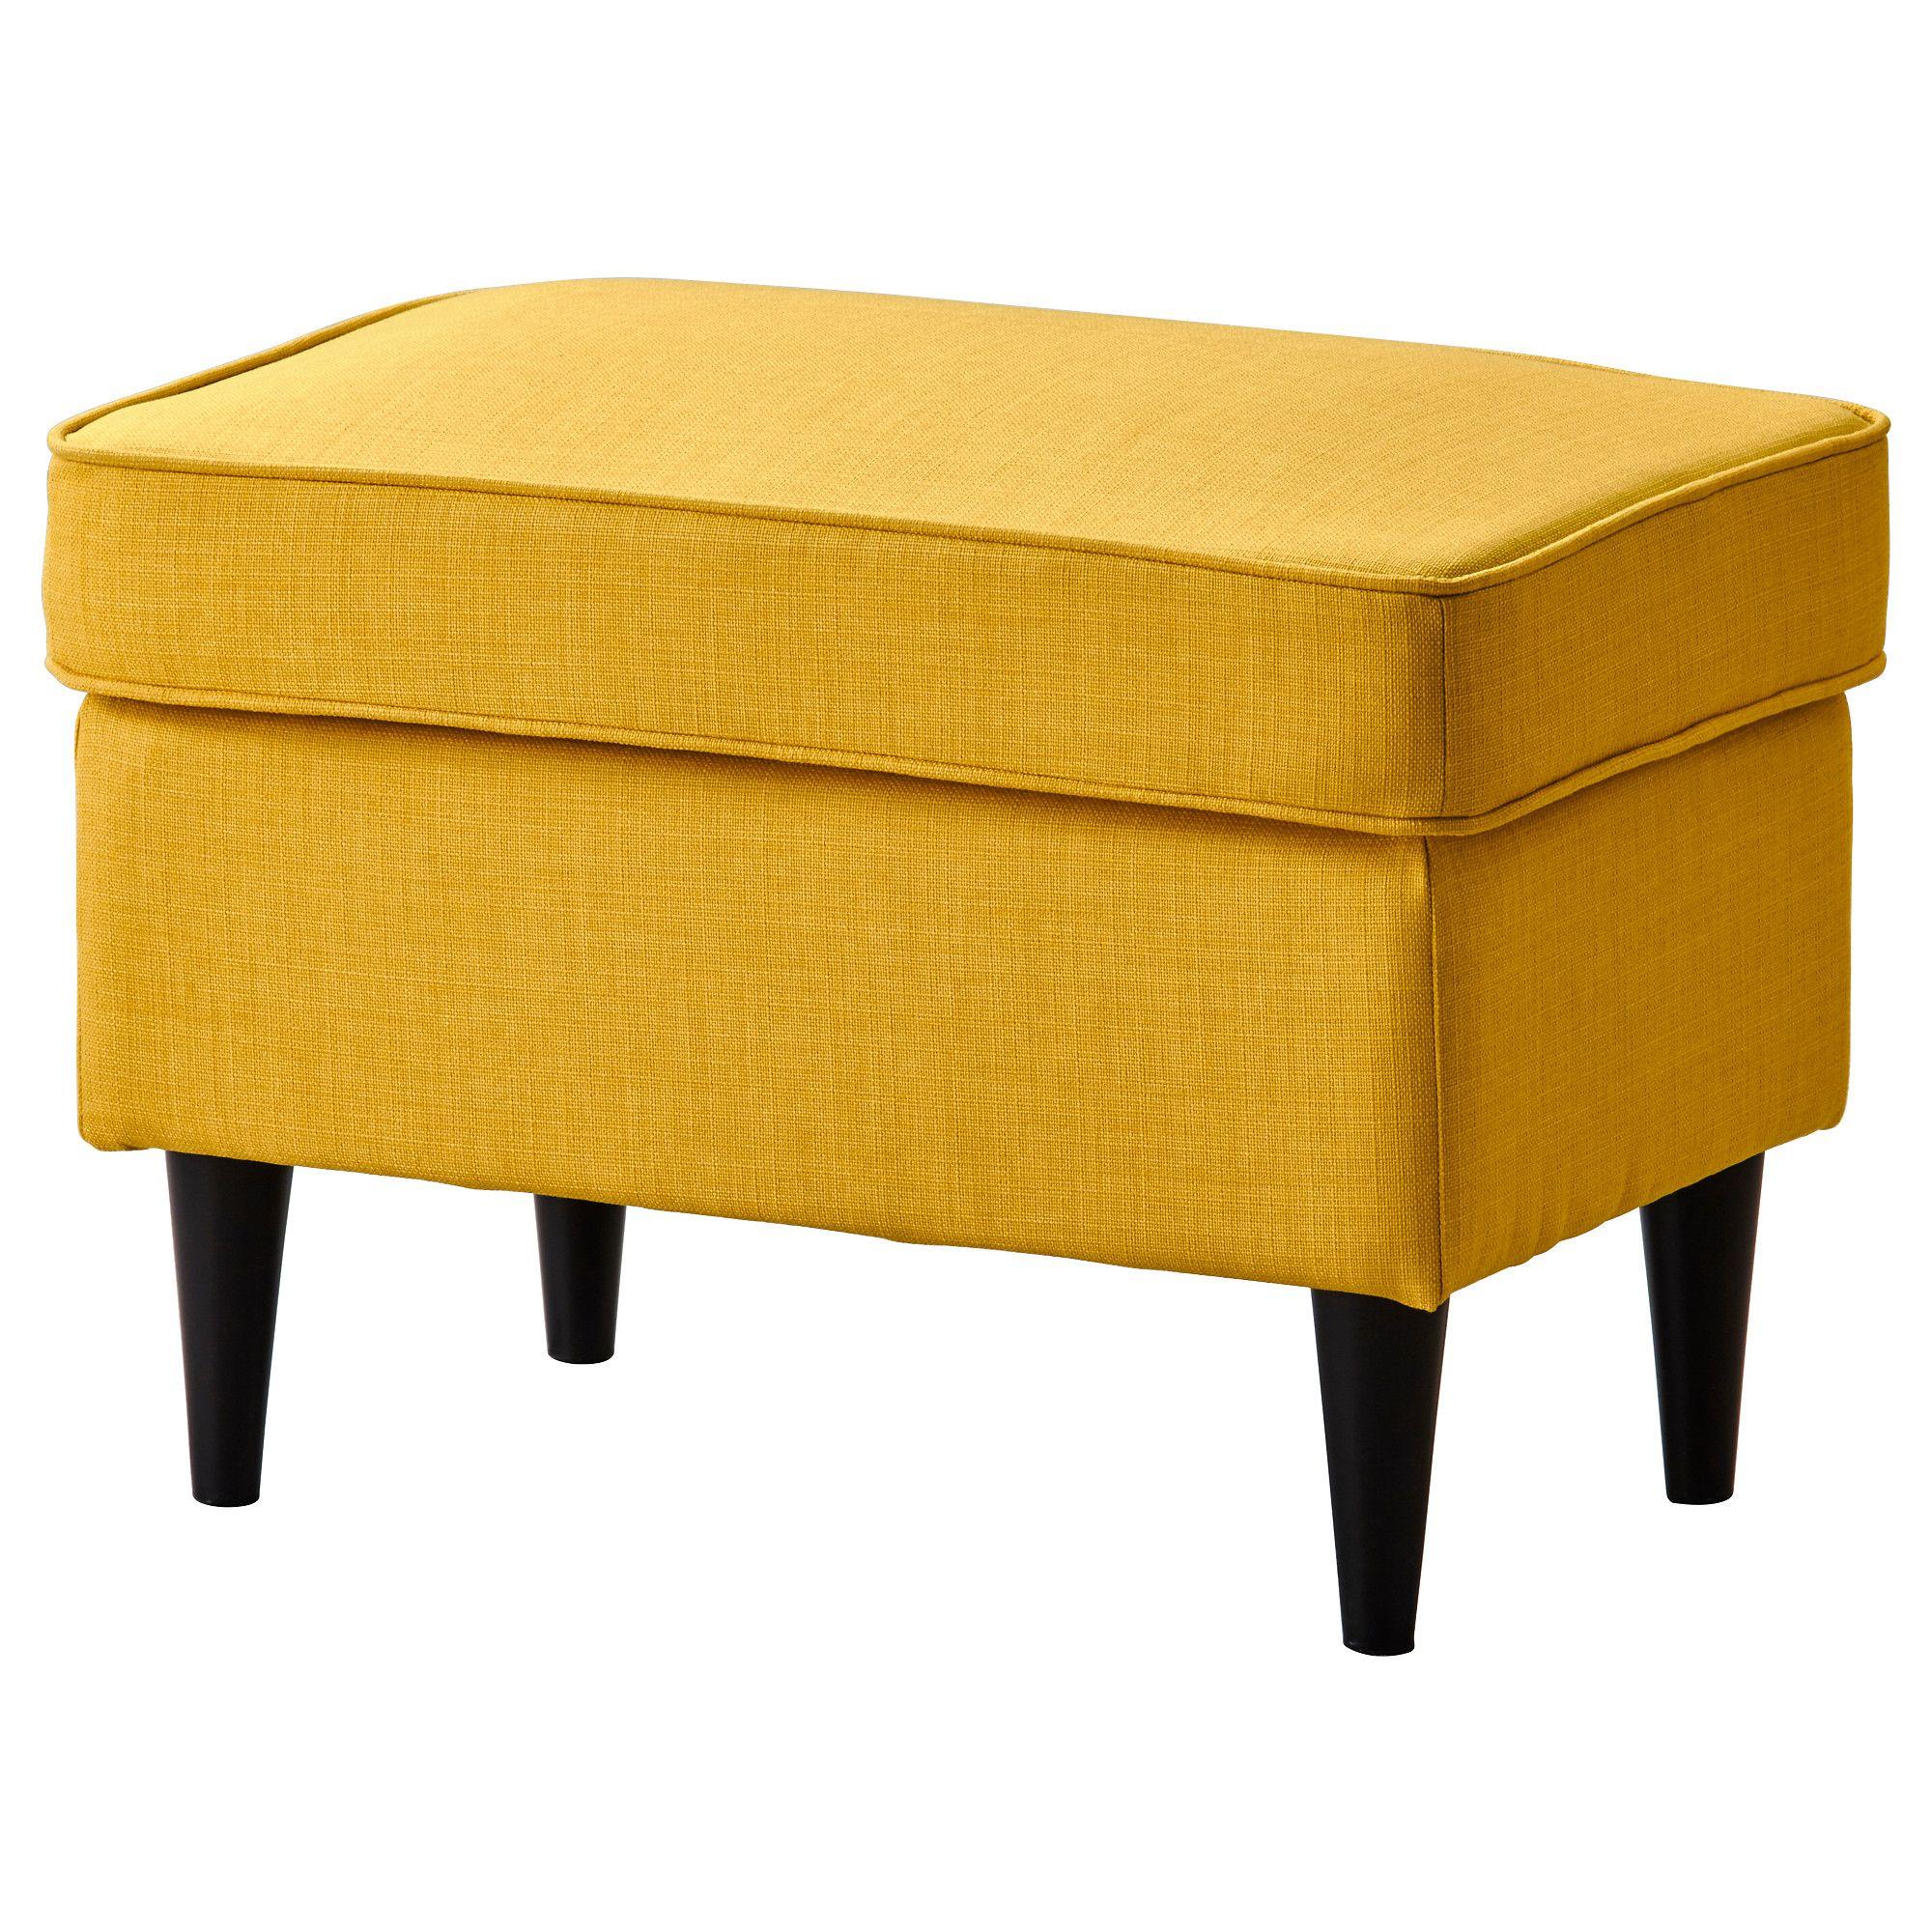 Ikea Strandmon Skiftebo Yellow Ottoman Ikea Footstool Ikea